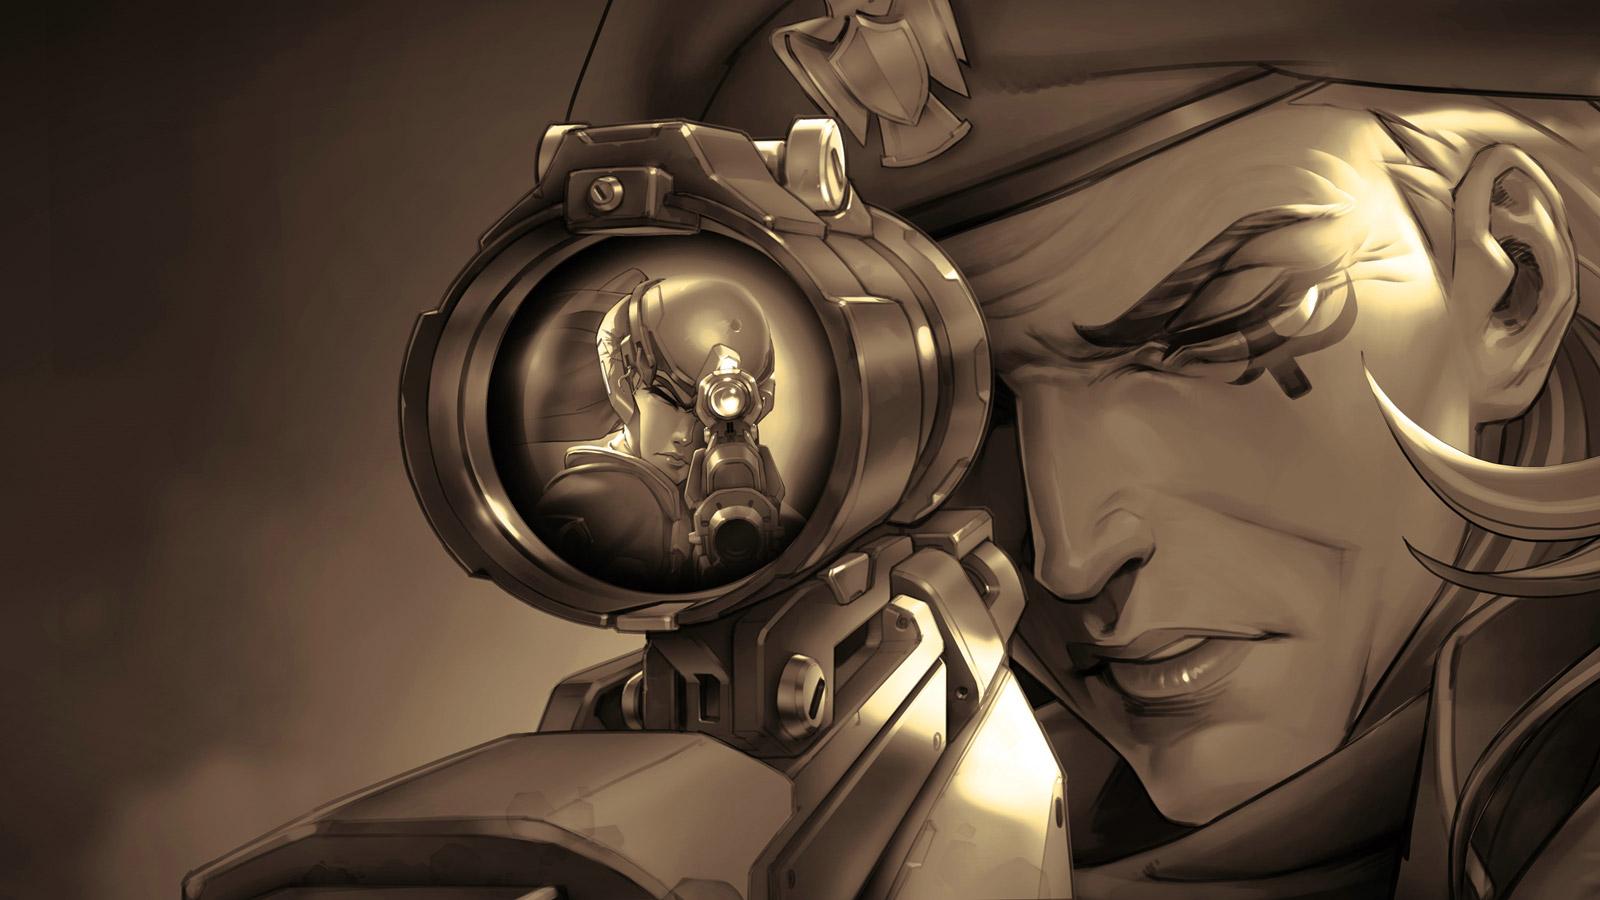 Overwatch Wallpaper in 1600x900